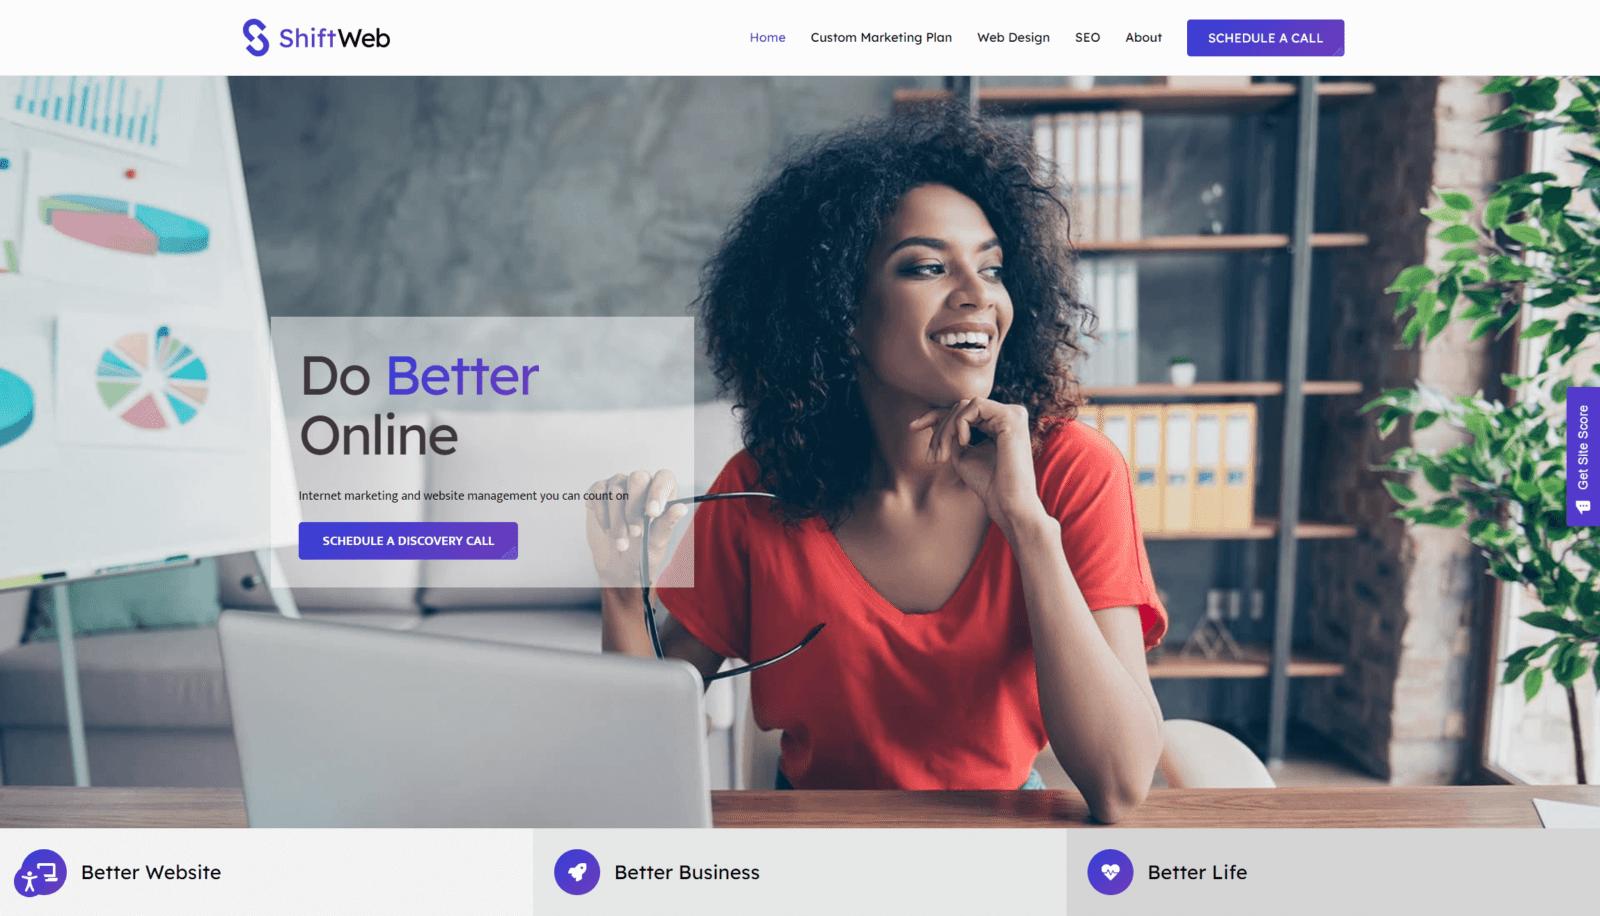 shiftweb.com